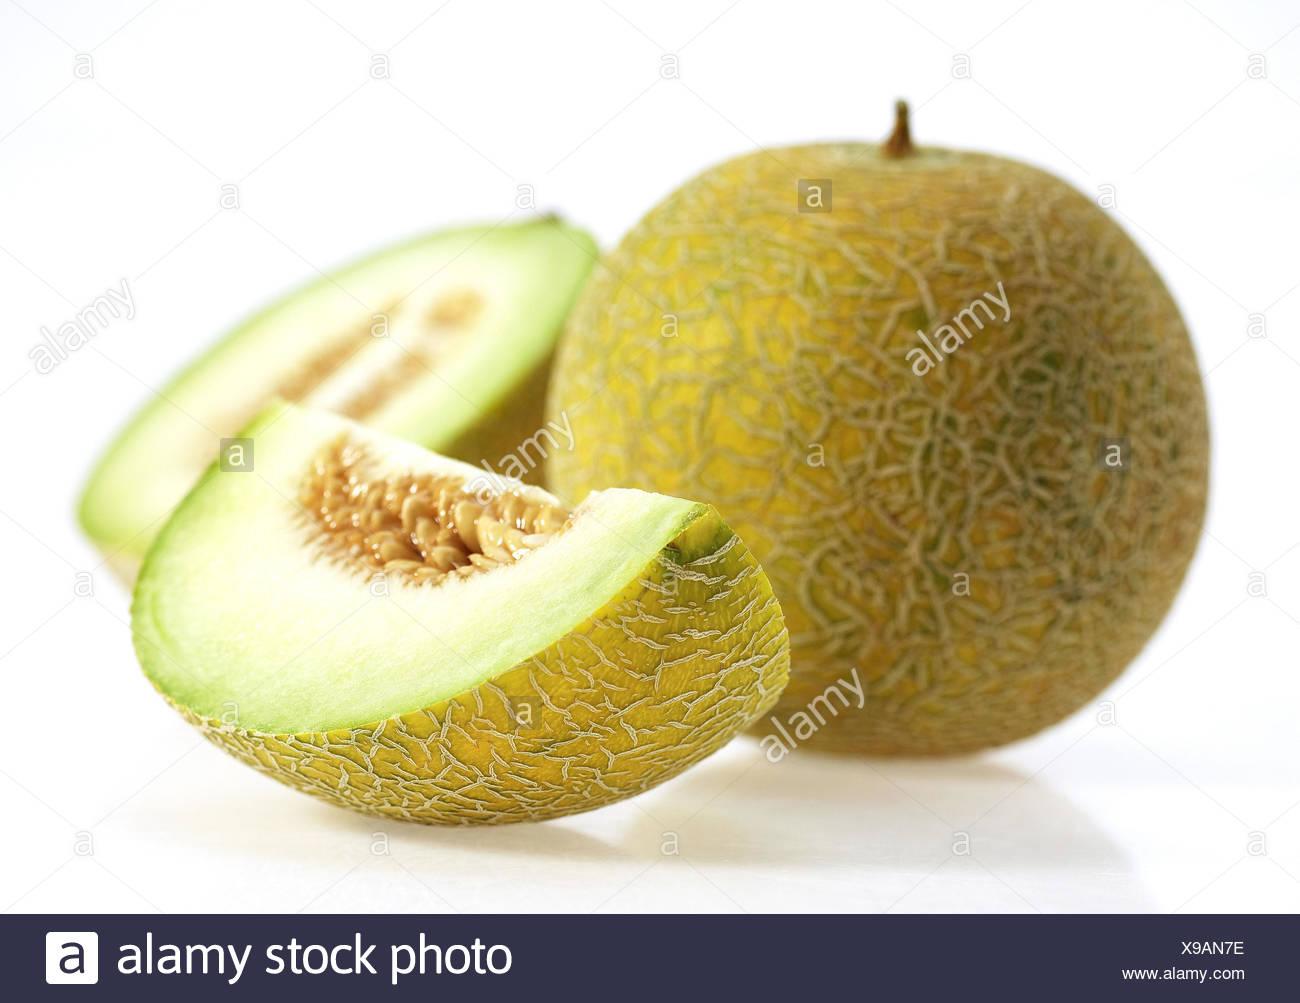 Giallo melone Canarie, anche giallo melone Honeydew, Amarillo, Tendral Amarillo, zucchero melone, Cucumis melo, sfondo bianco Immagini Stock